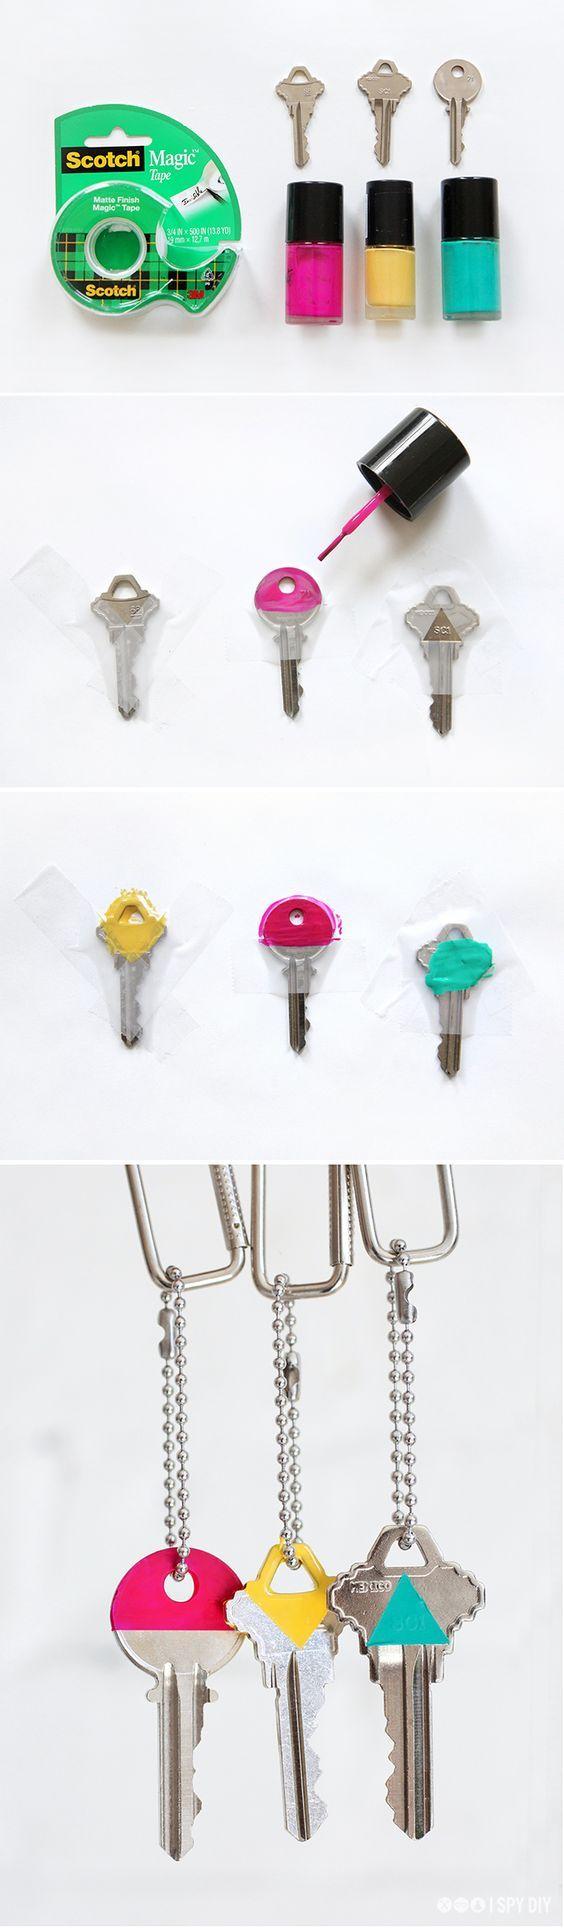 décorer ses clés de vernis à ongles, moifs géométriques, couleurs diverses, technique bricolage, activité créaive adulte